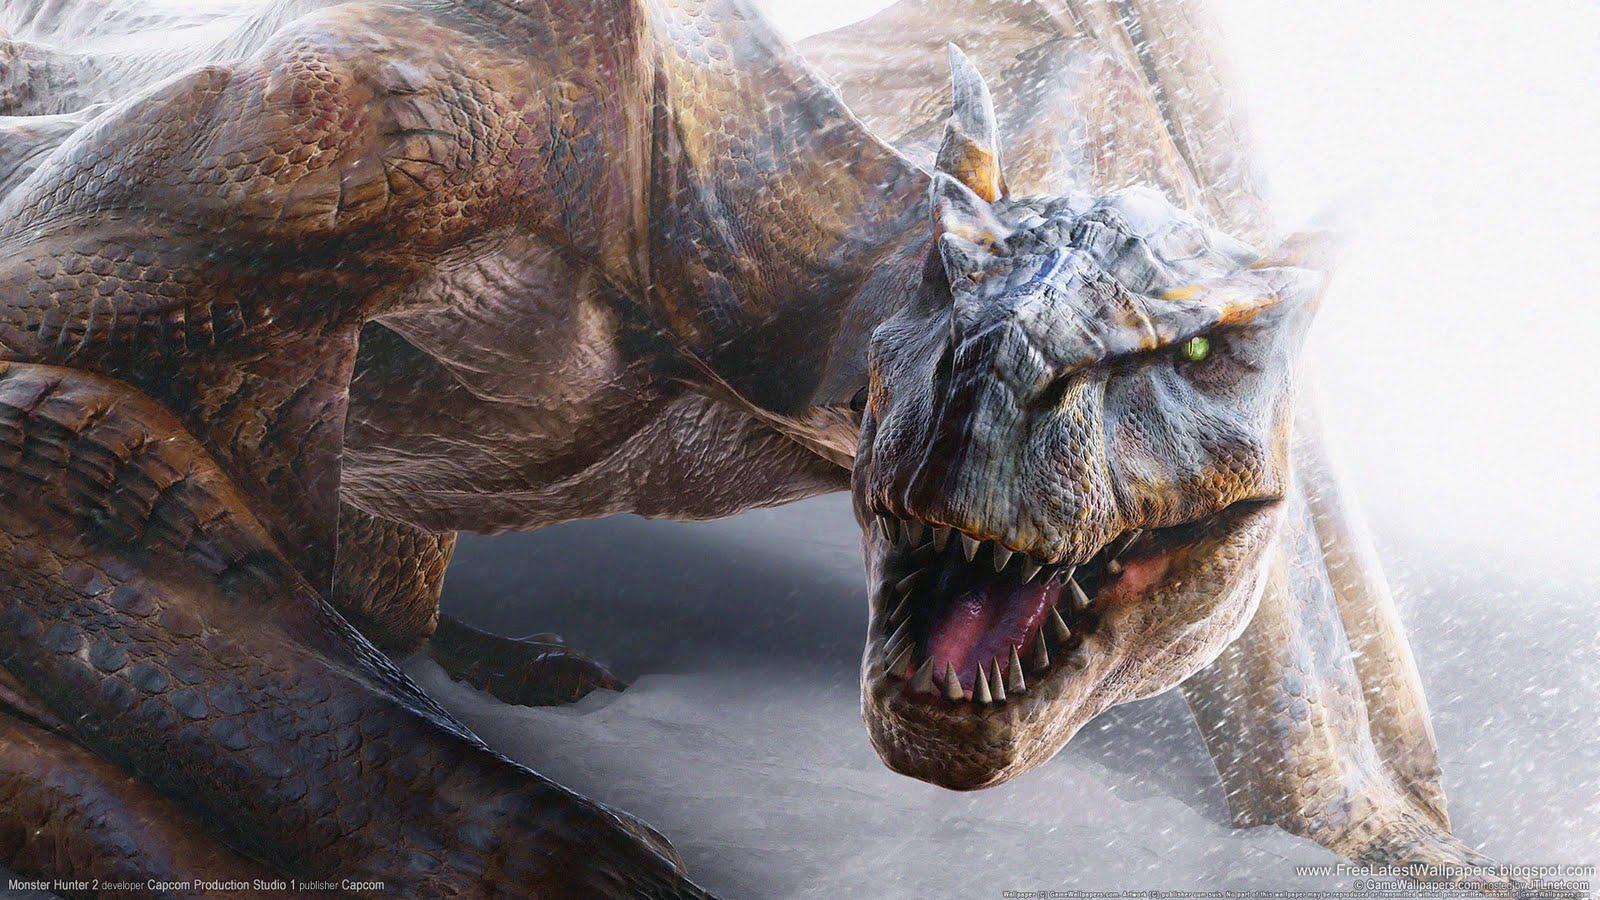 http://3.bp.blogspot.com/-1JMQDSK6obY/TaHUUJIqLmI/AAAAAAAACXc/Tt5A3h3_6rU/s1600/monster_hunter_2-HD.jpg